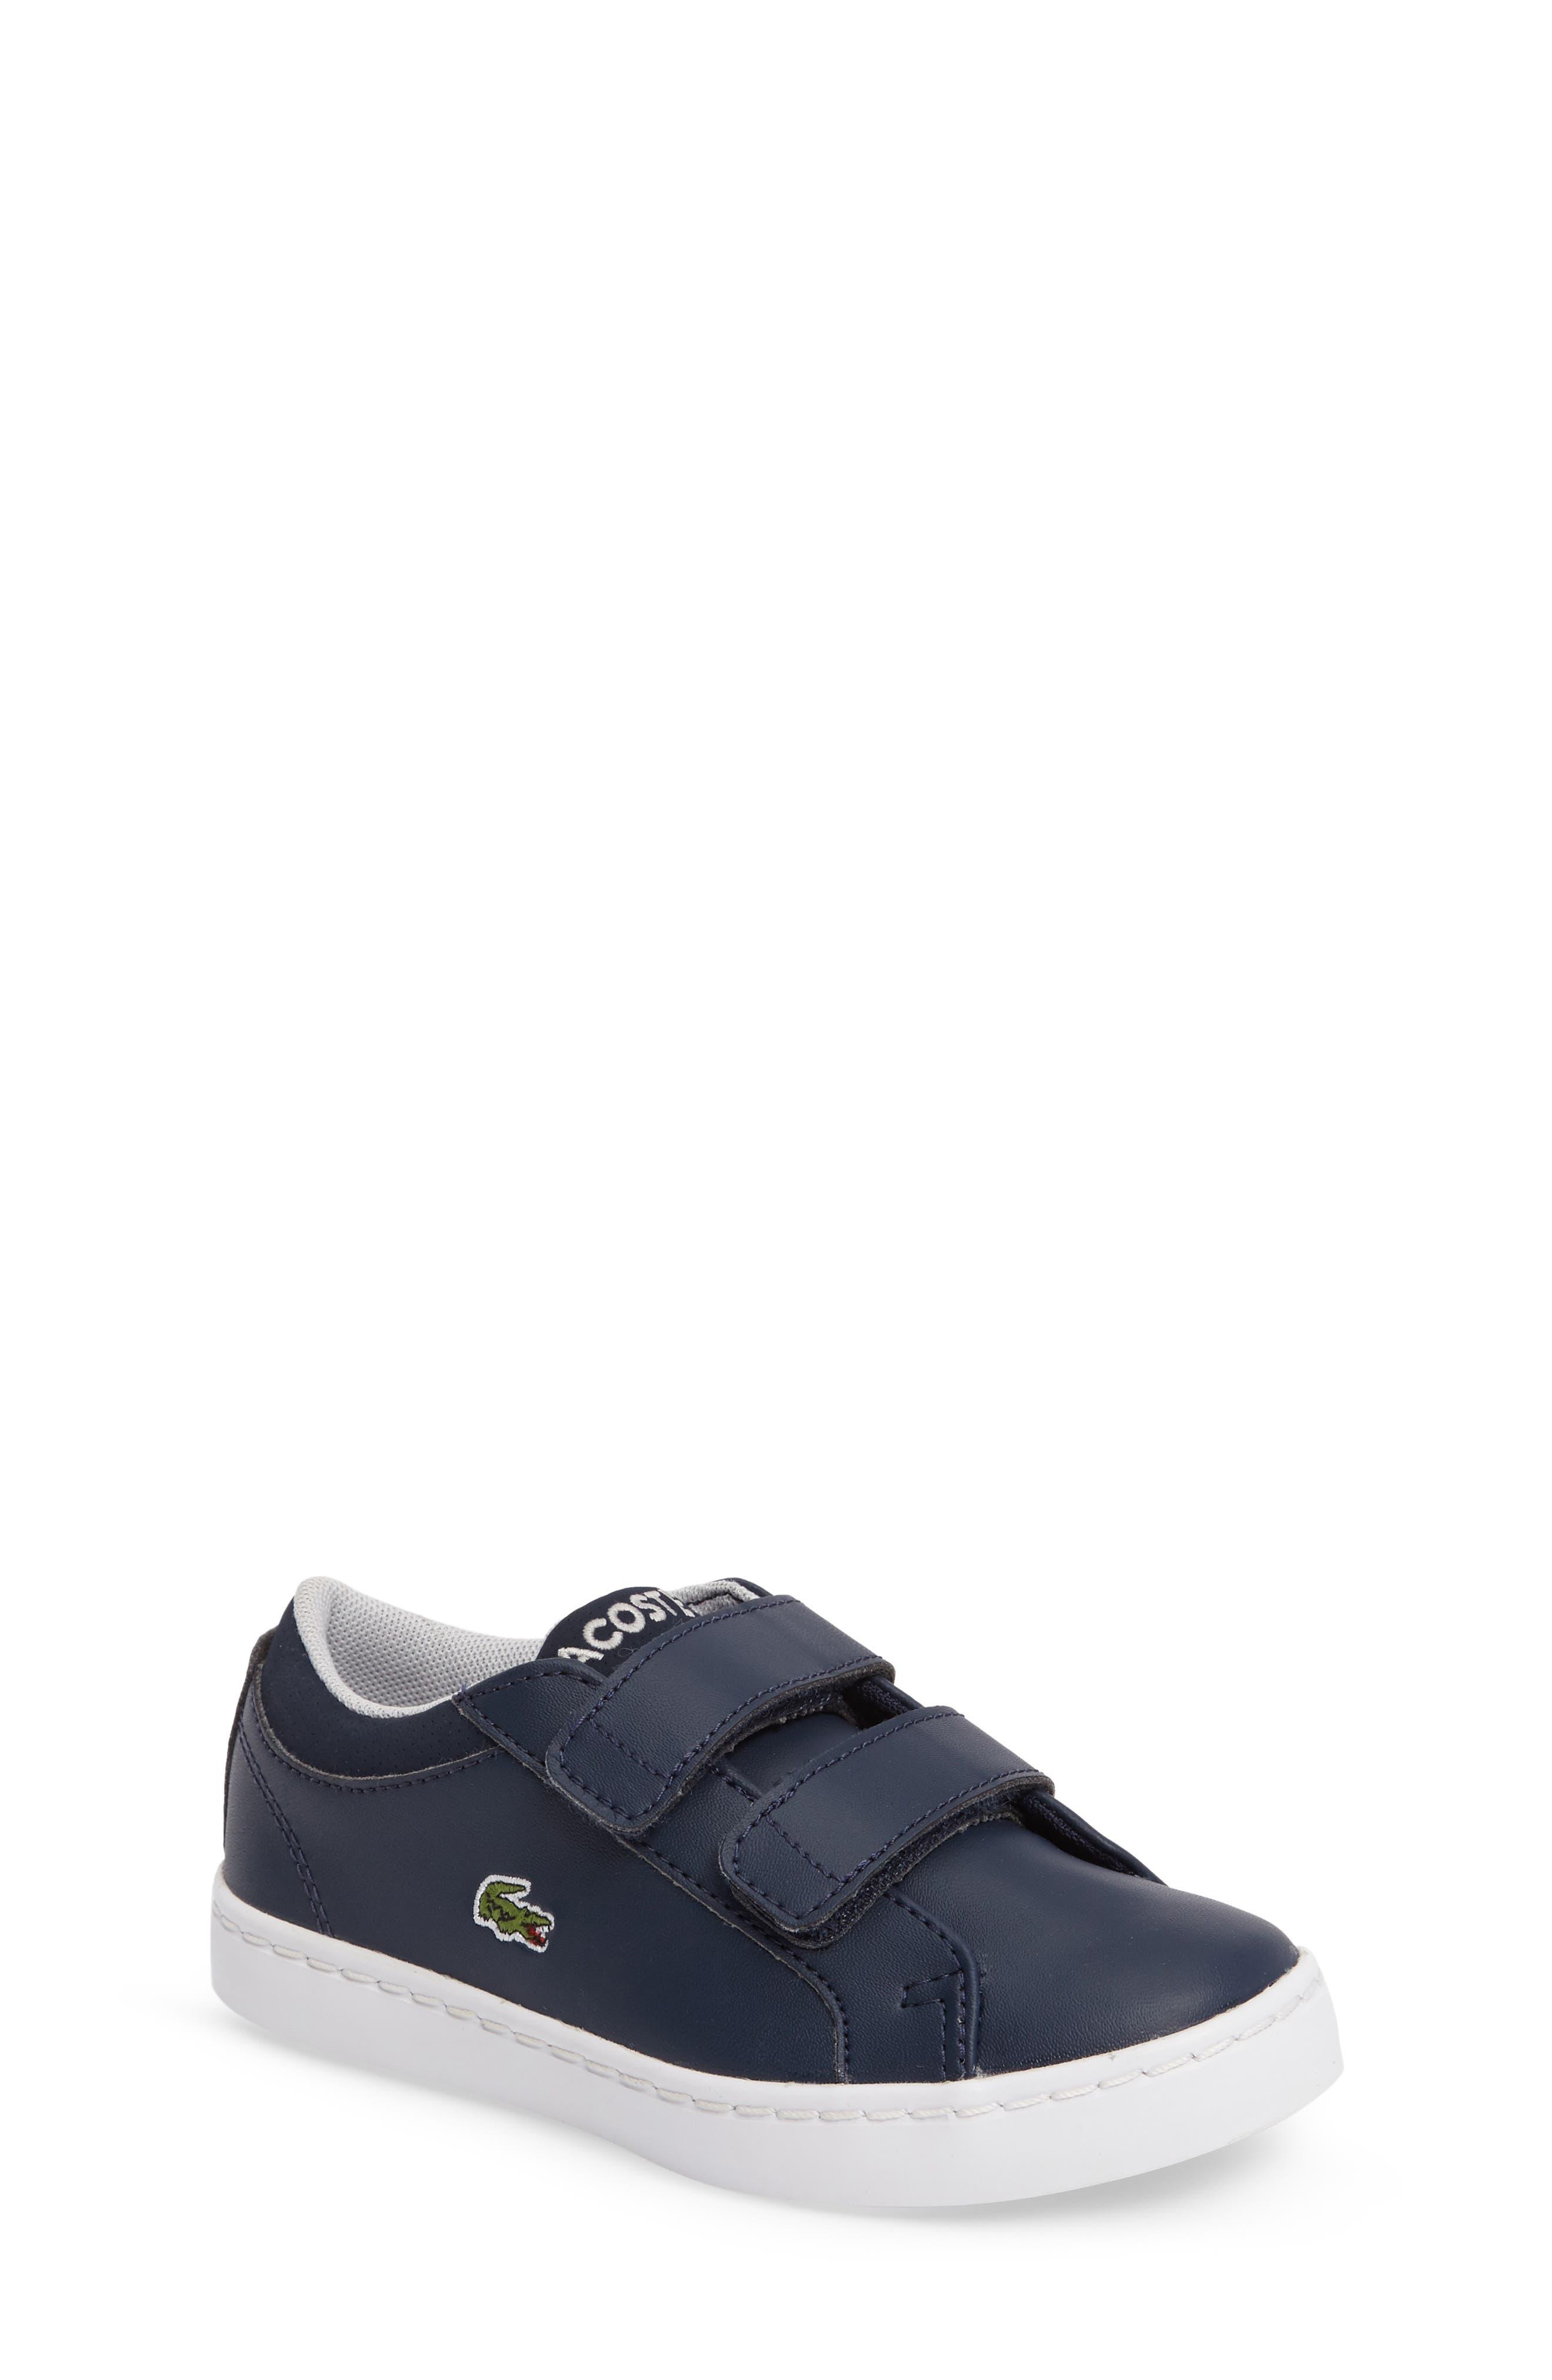 Lacoste Straightset Sneaker (Baby, Walker & Toddler)